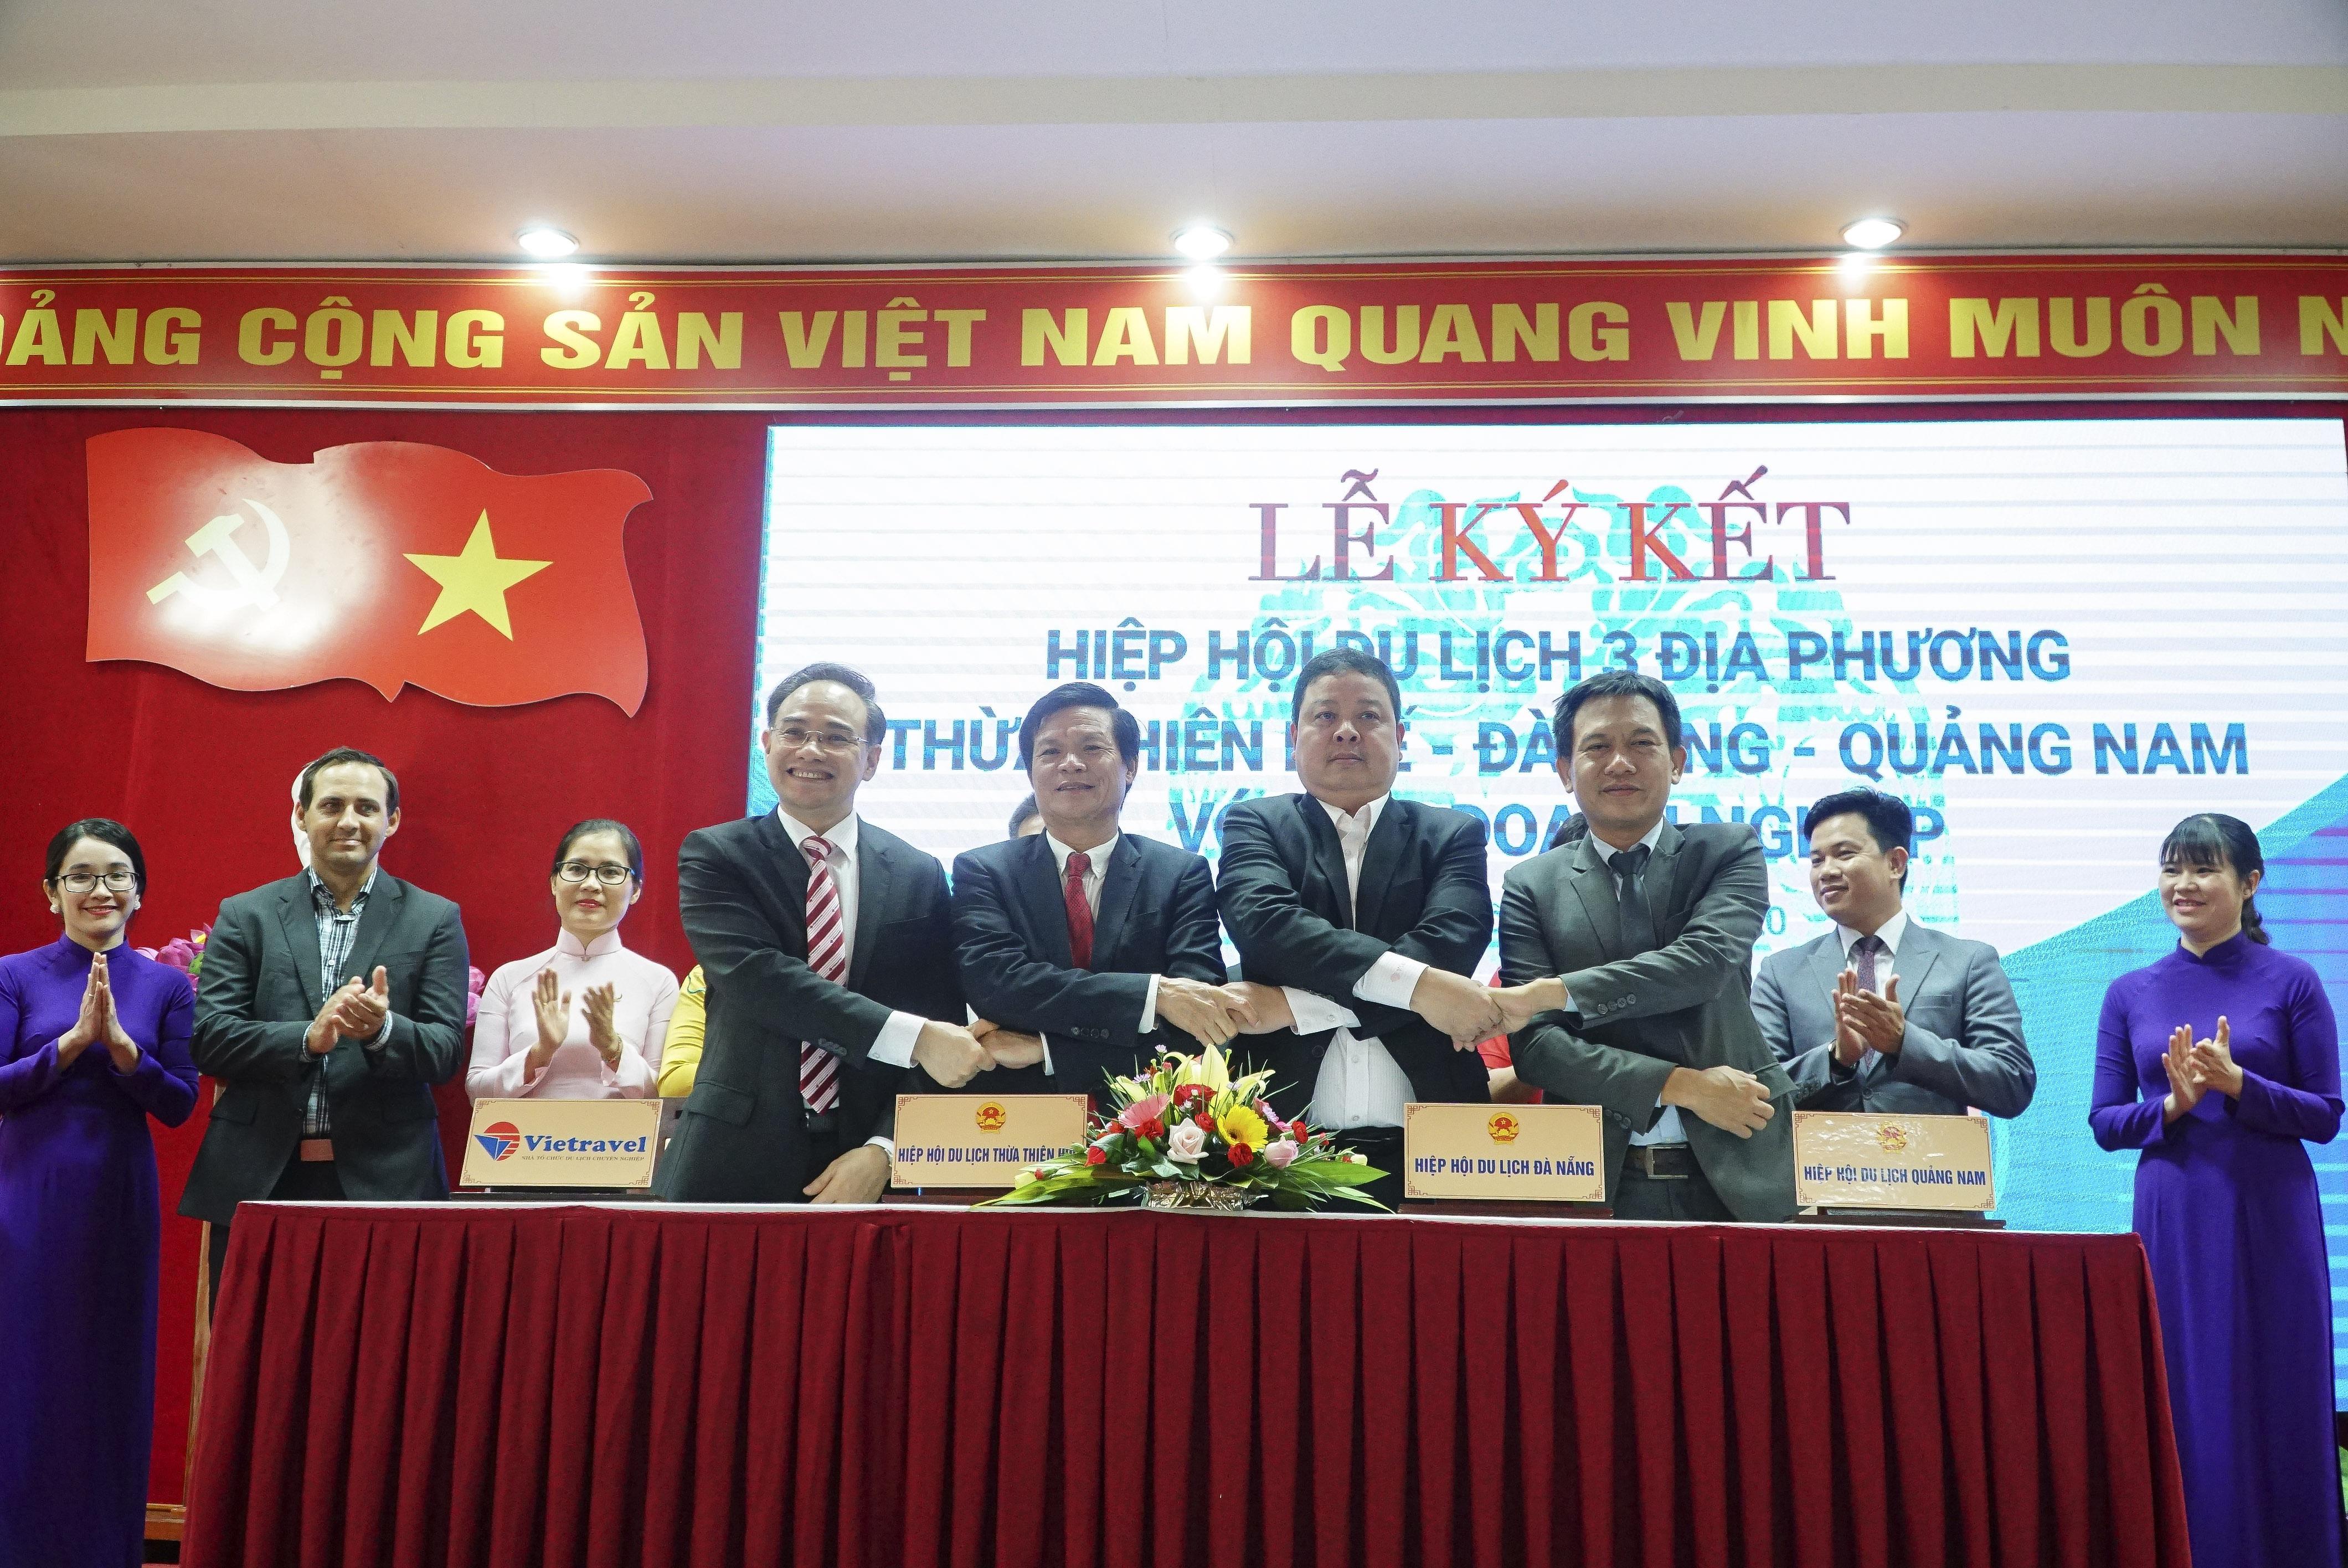 Chương trình hành động phục hồi, phát triển du lịch ba địa phương Thừa Thiên Huế - Đà Nẵng - Quảng Nam